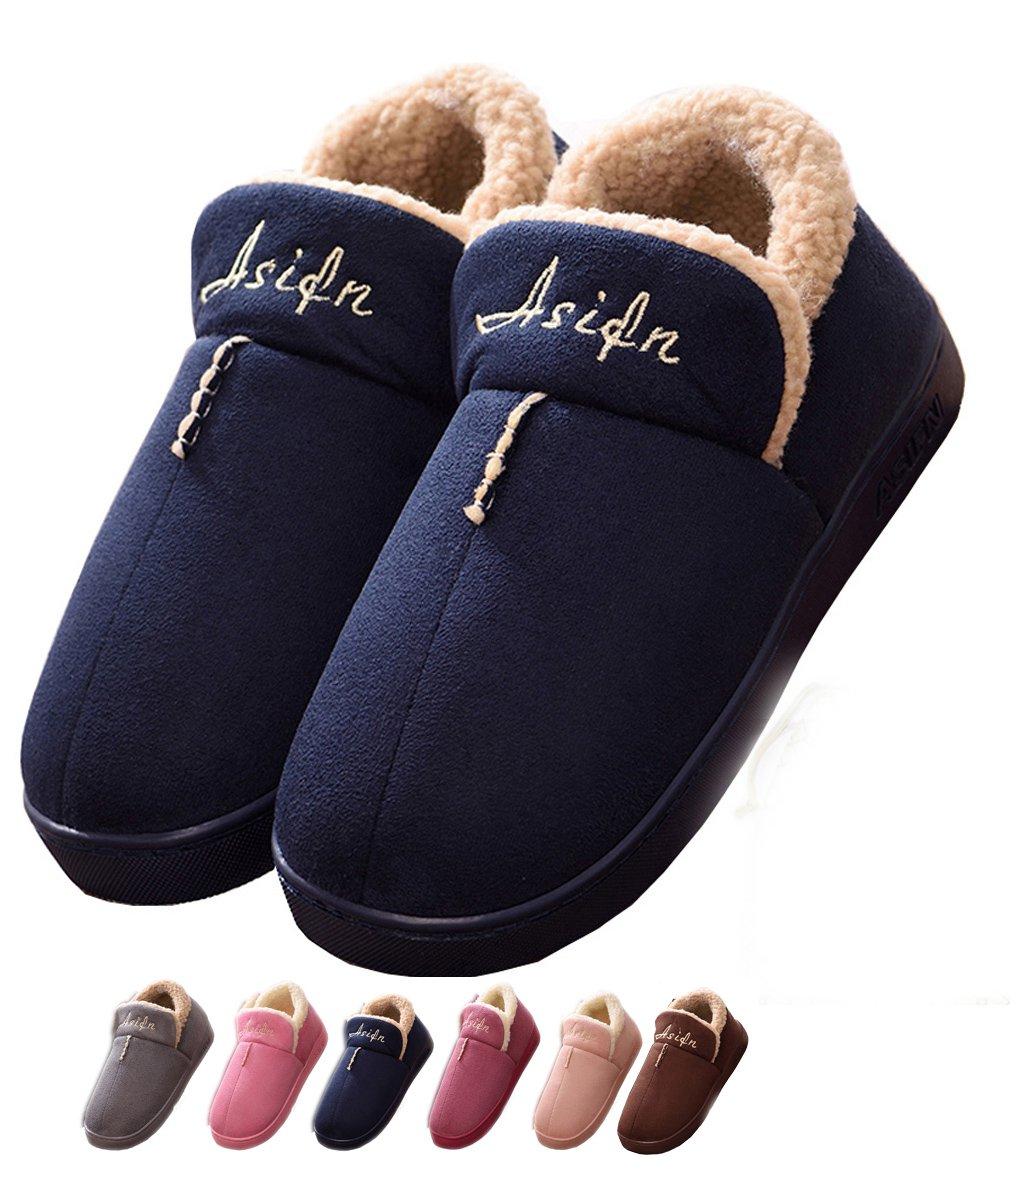 Asifn Lijeer Indoor Home Men Slippers House Women Cozy Memory Foam Warm Snti Skid Wear Resistant Wool Drag (Women5.5-6.5/Men4-5, Blue)